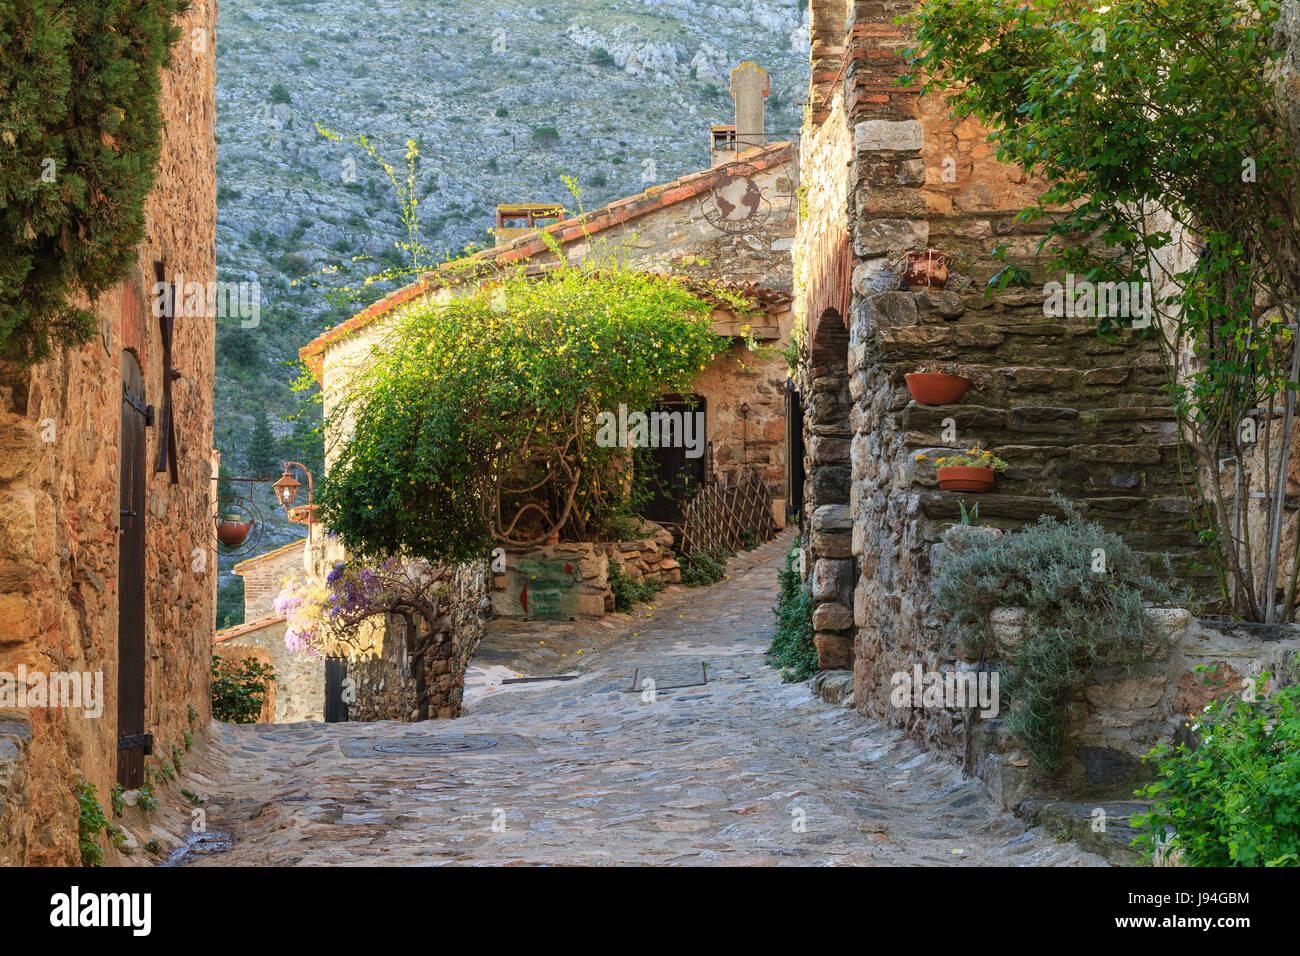 Francia, Pirineos Orientales, Castelnou, etiquetados Les Plus Beaux aldeas de Francia (el pueblo más hermoso de Francia), la calle de la aldea Foto de stock